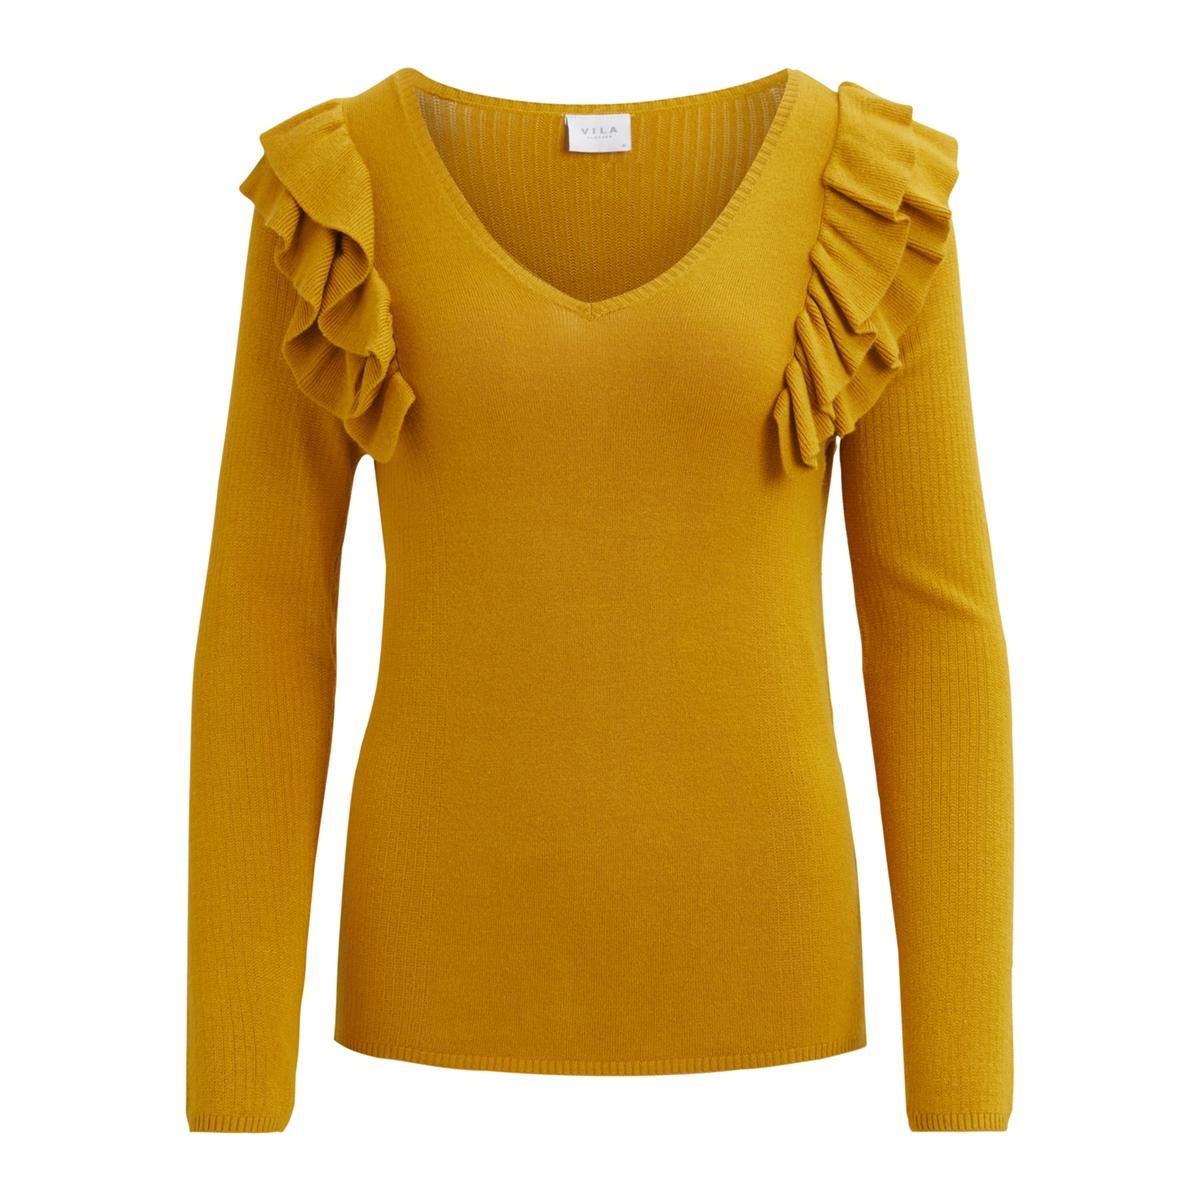 Пуловер с V-образным вырезом из тонкого трикотажаОписание:Детали •  Длинные рукава •   V-образный вырез •  Тонкий трикотаж Состав и уход •  80% вискозы, 20% полиамида •  Следуйте советам по уходу, указанным на этикетке<br><br>Цвет: желтый шафран<br>Размер: S